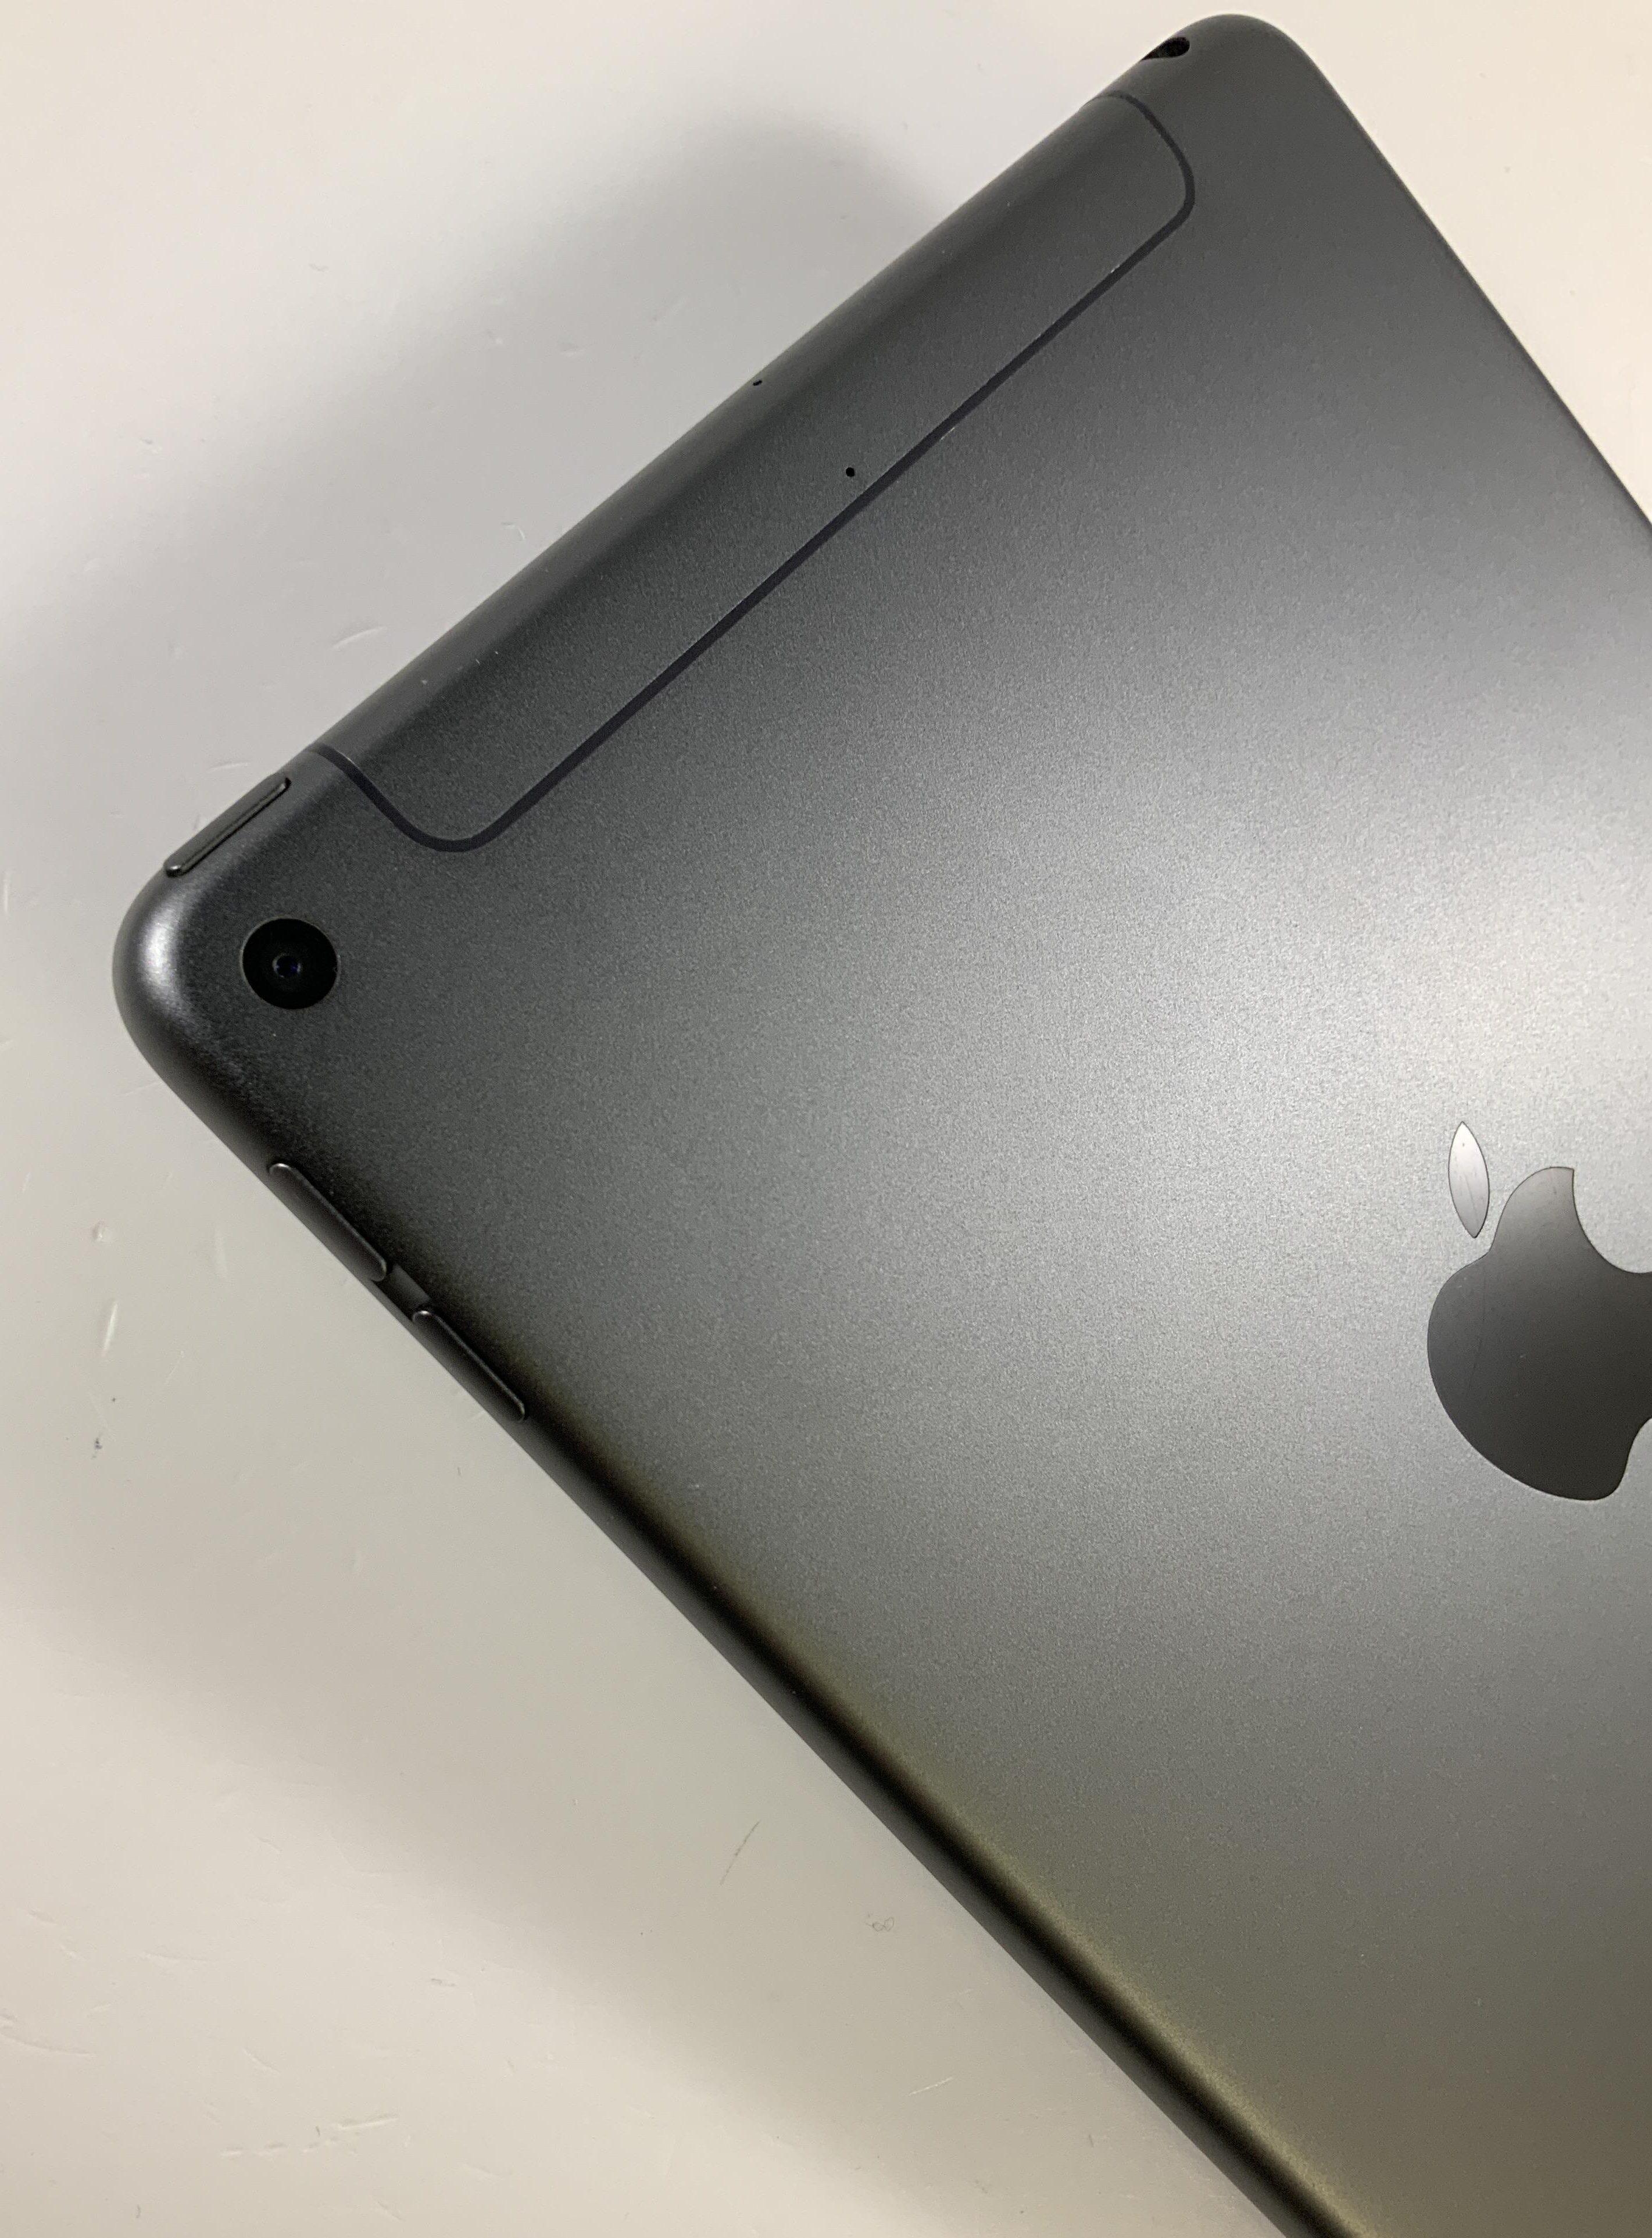 iPad mini 5 Wi-Fi + Cellular 256GB, 256GB, Space Gray, bild 3